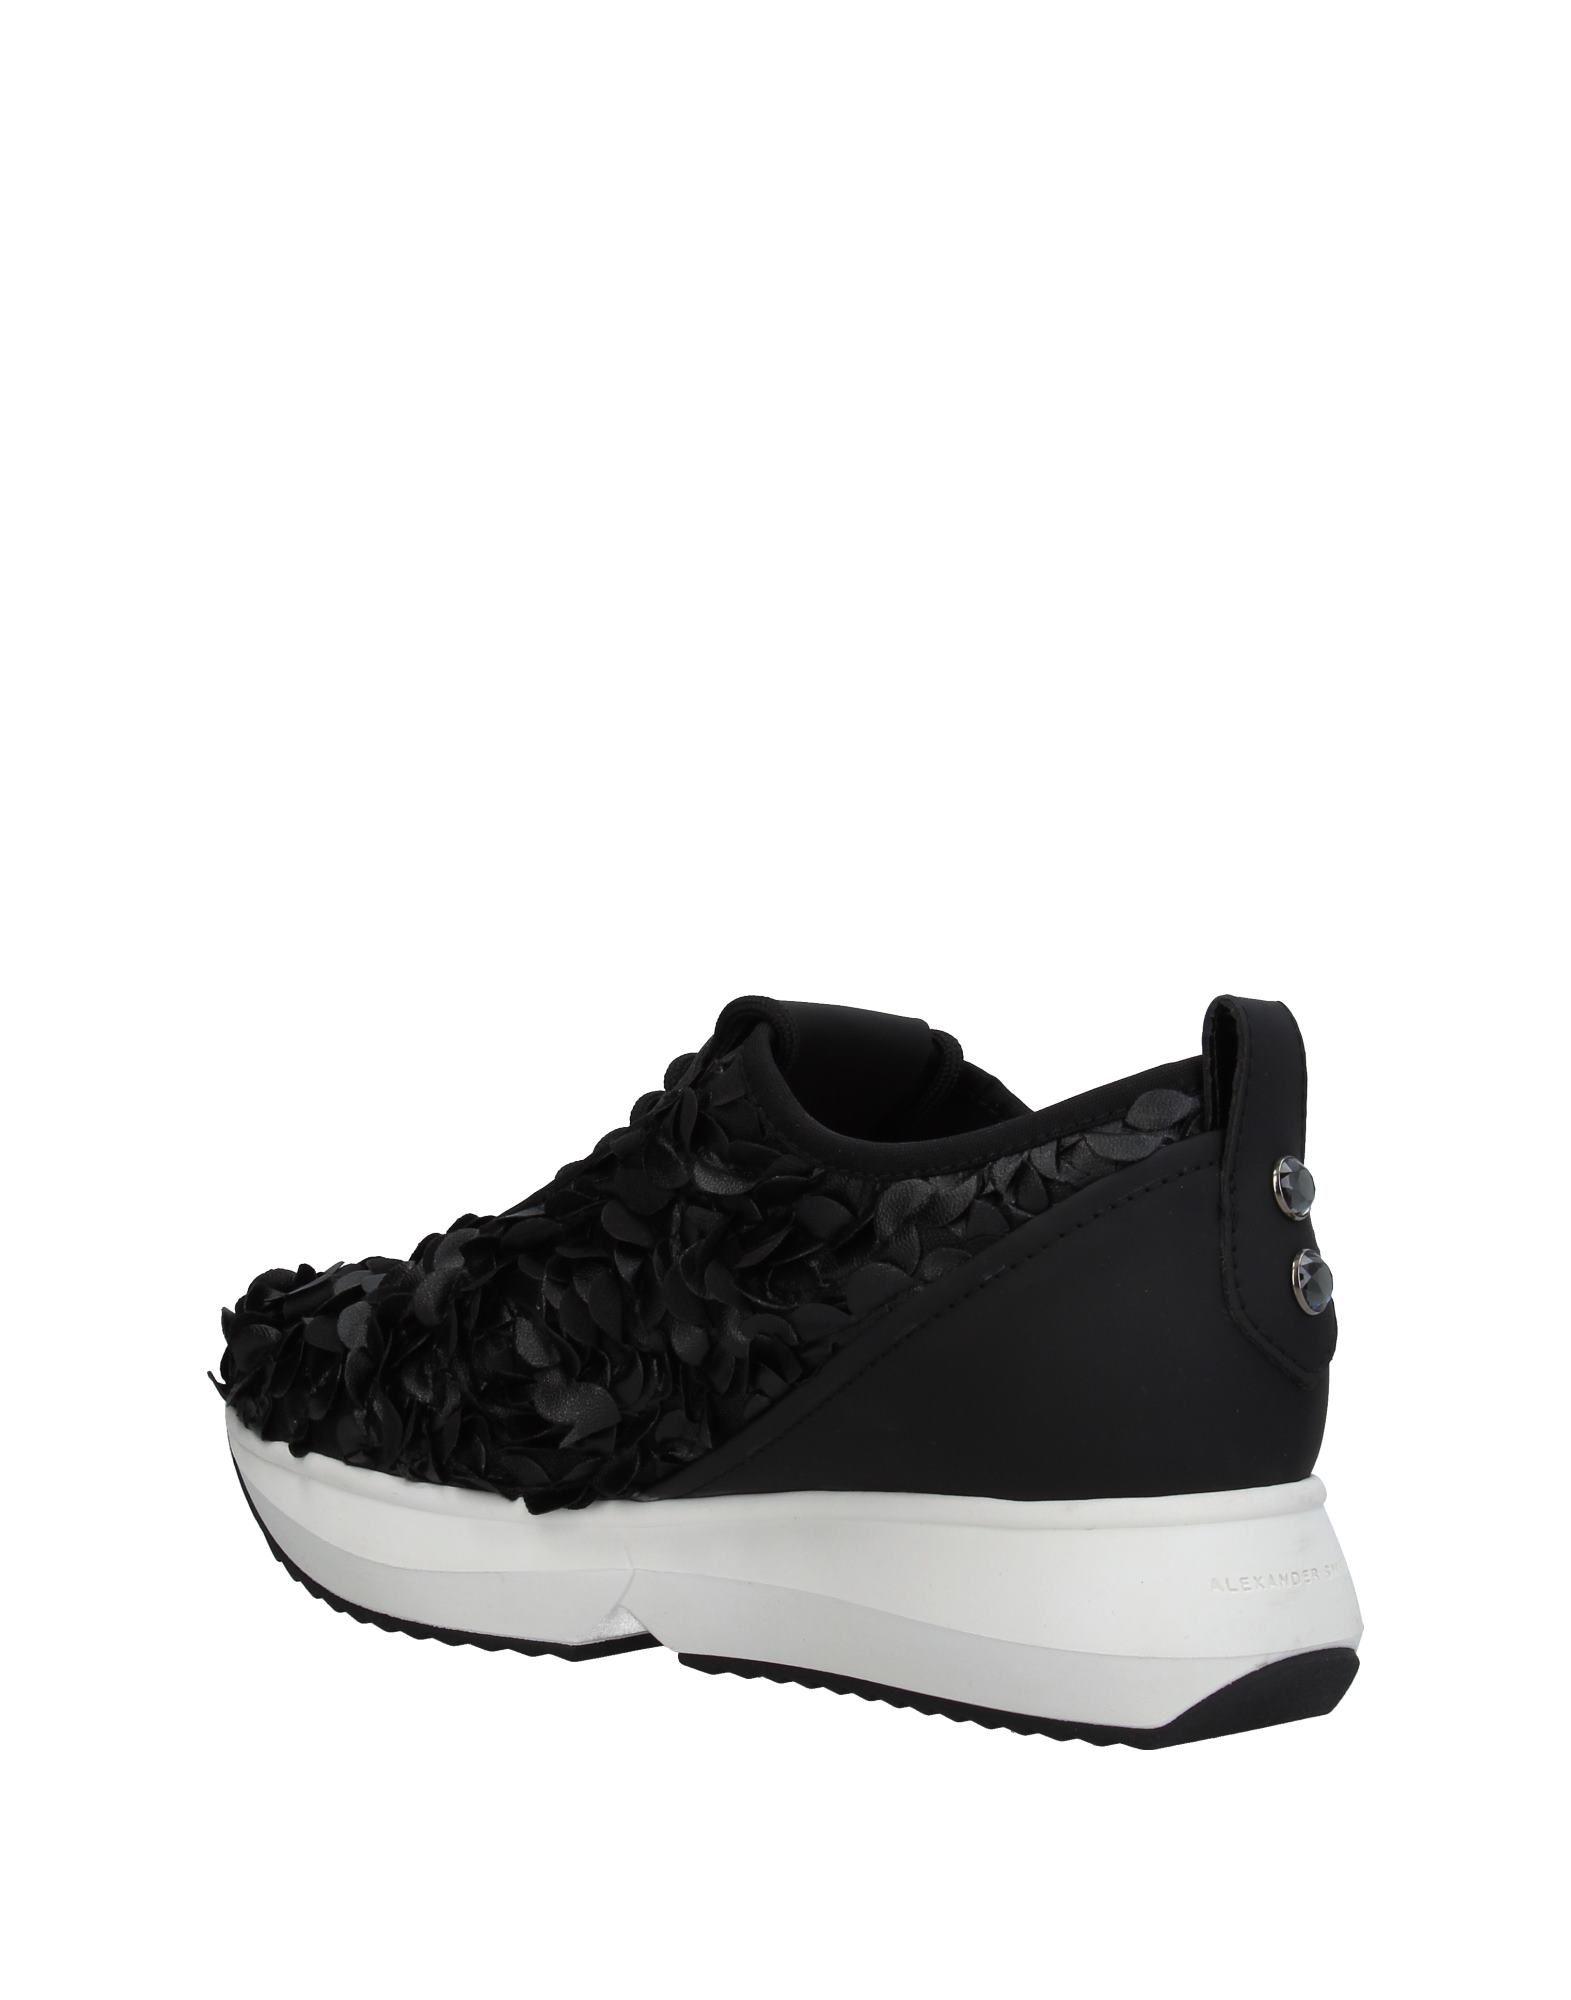 Alexander Smith Sneakers Damen  11385373RA Gute Qualität beliebte Schuhe